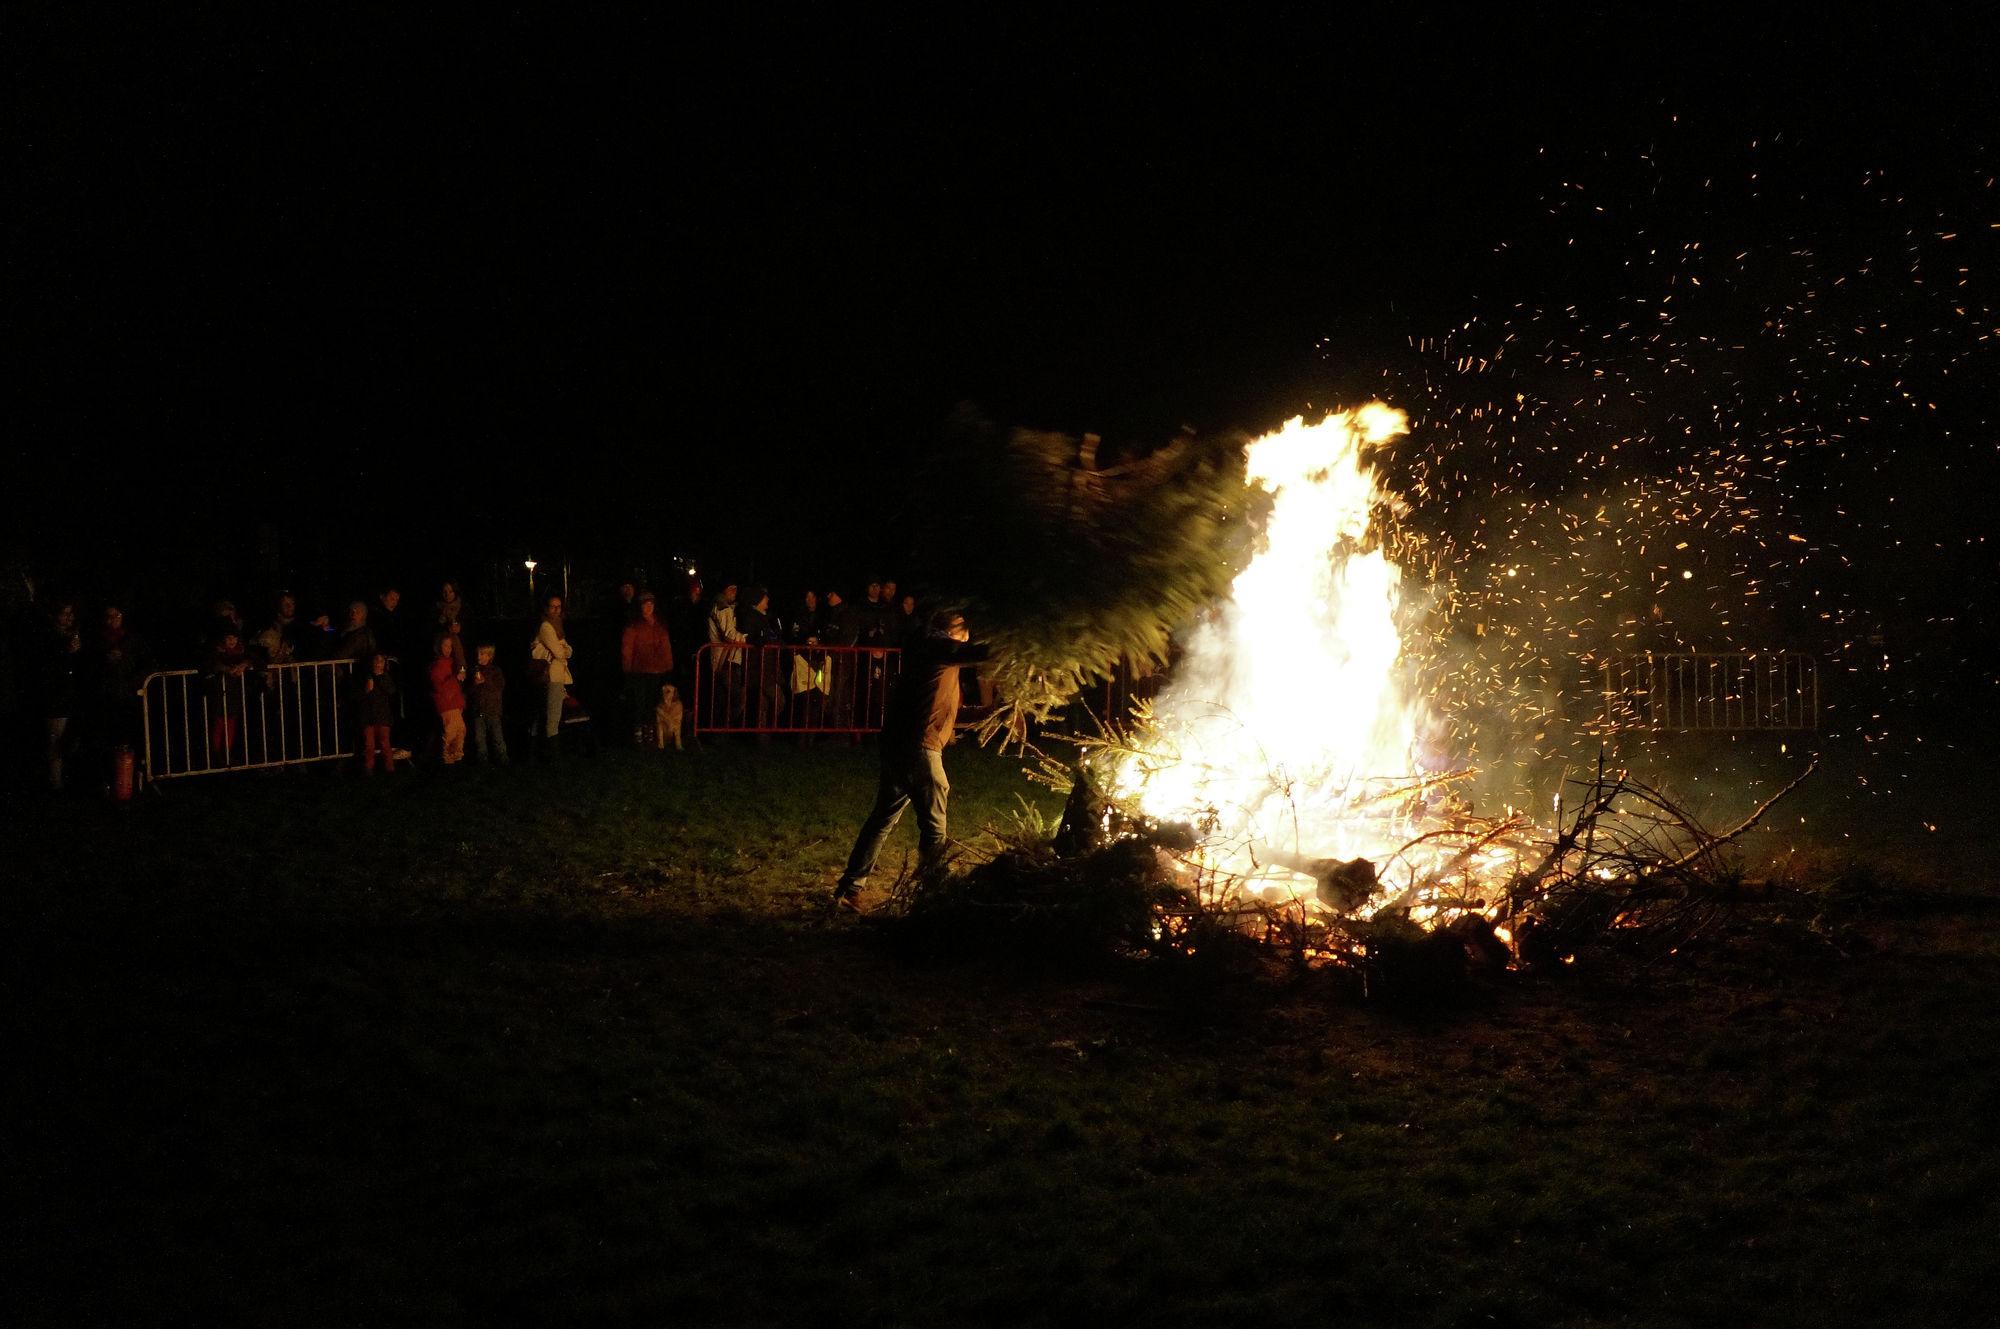 Kerstboomverbranding Mariakerke